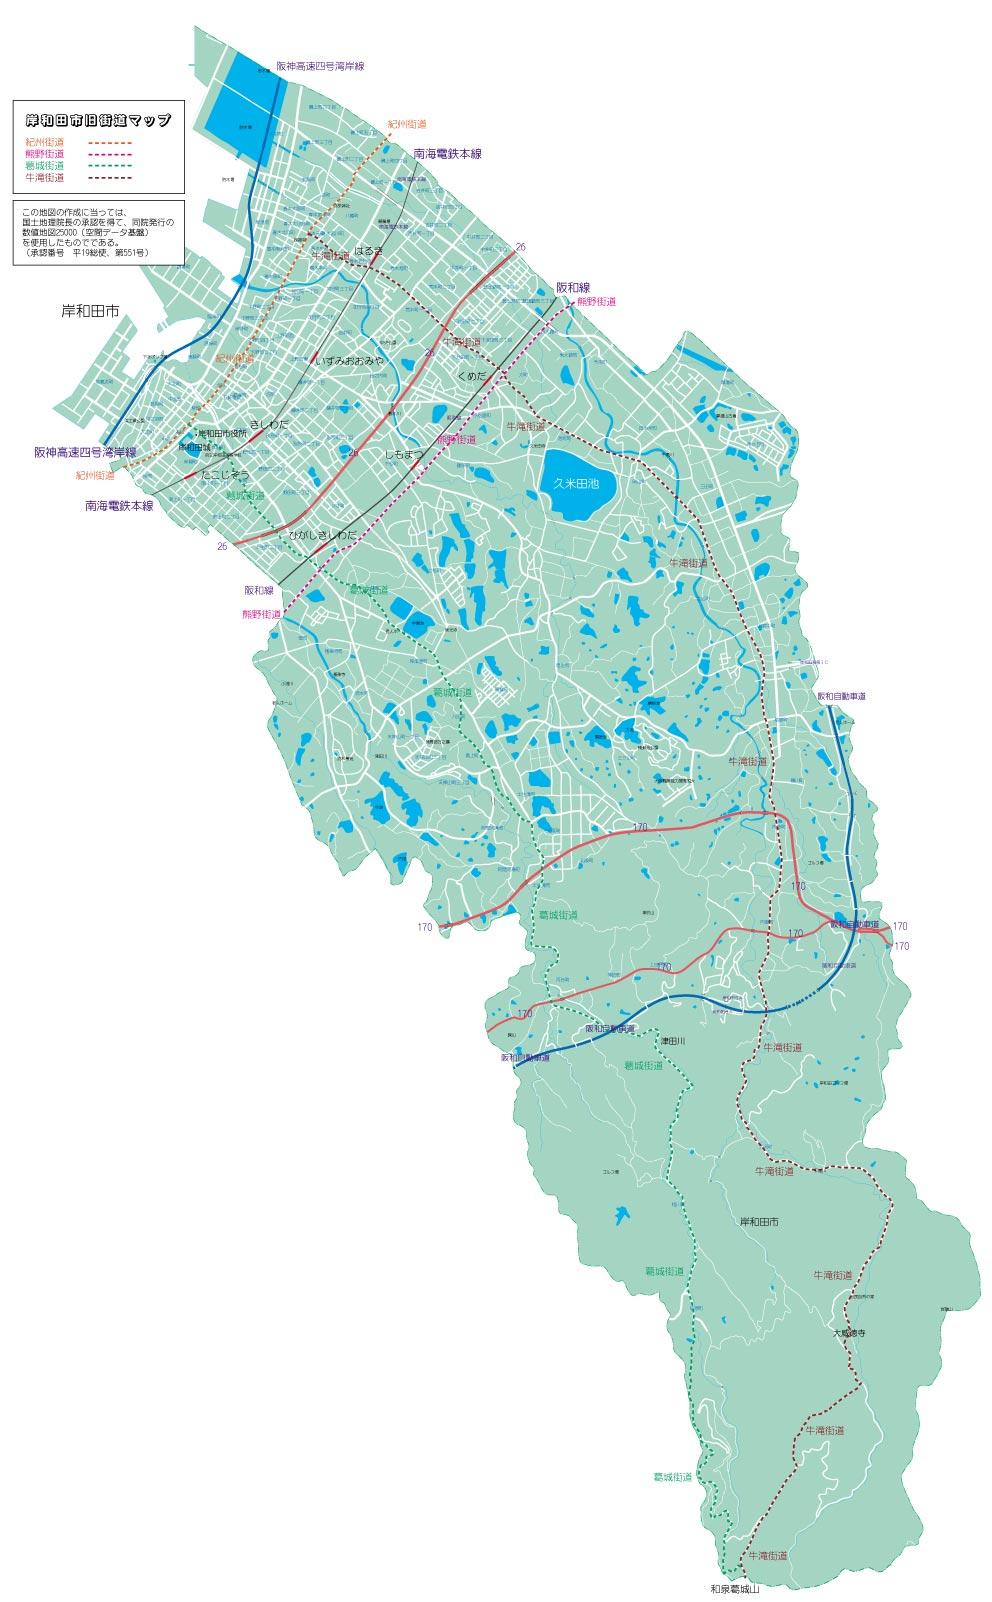 大阪を歩こう:岸和田市旧街道マップ